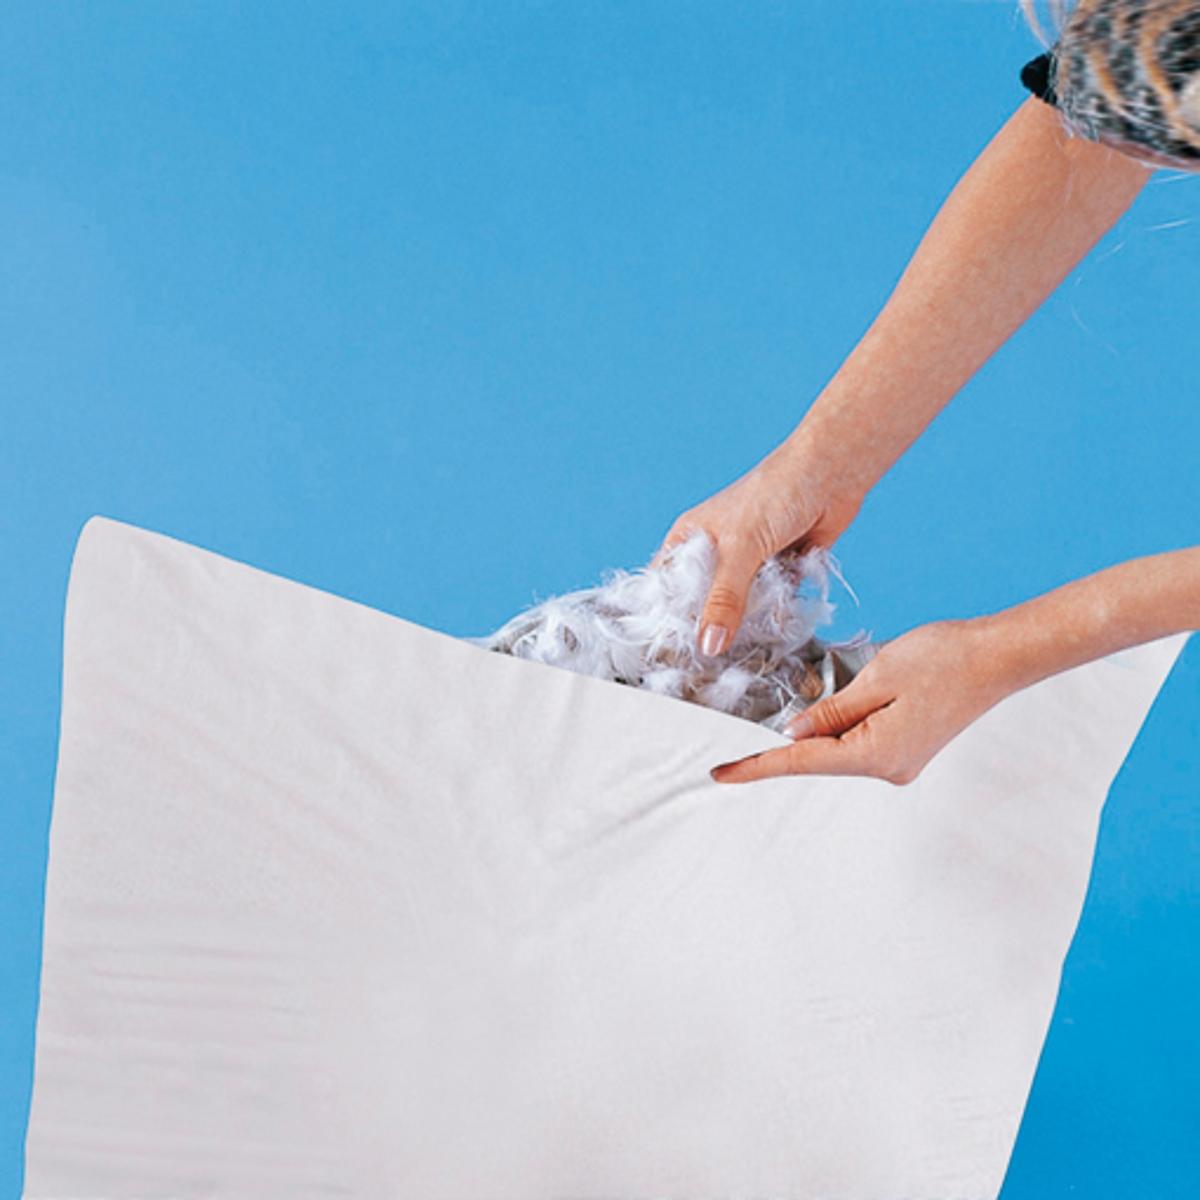 Наперник для подушкиОчень практичный и экономный наперник для подушки! Матрасная ткань плотного плетения не пропускает пух и перо, 100% хлопок. Разрез 20 см, после набивки зашить. Стирка наперника при 95°.<br><br>Цвет: белый,в полоску<br>Размер: 60 x 60  см